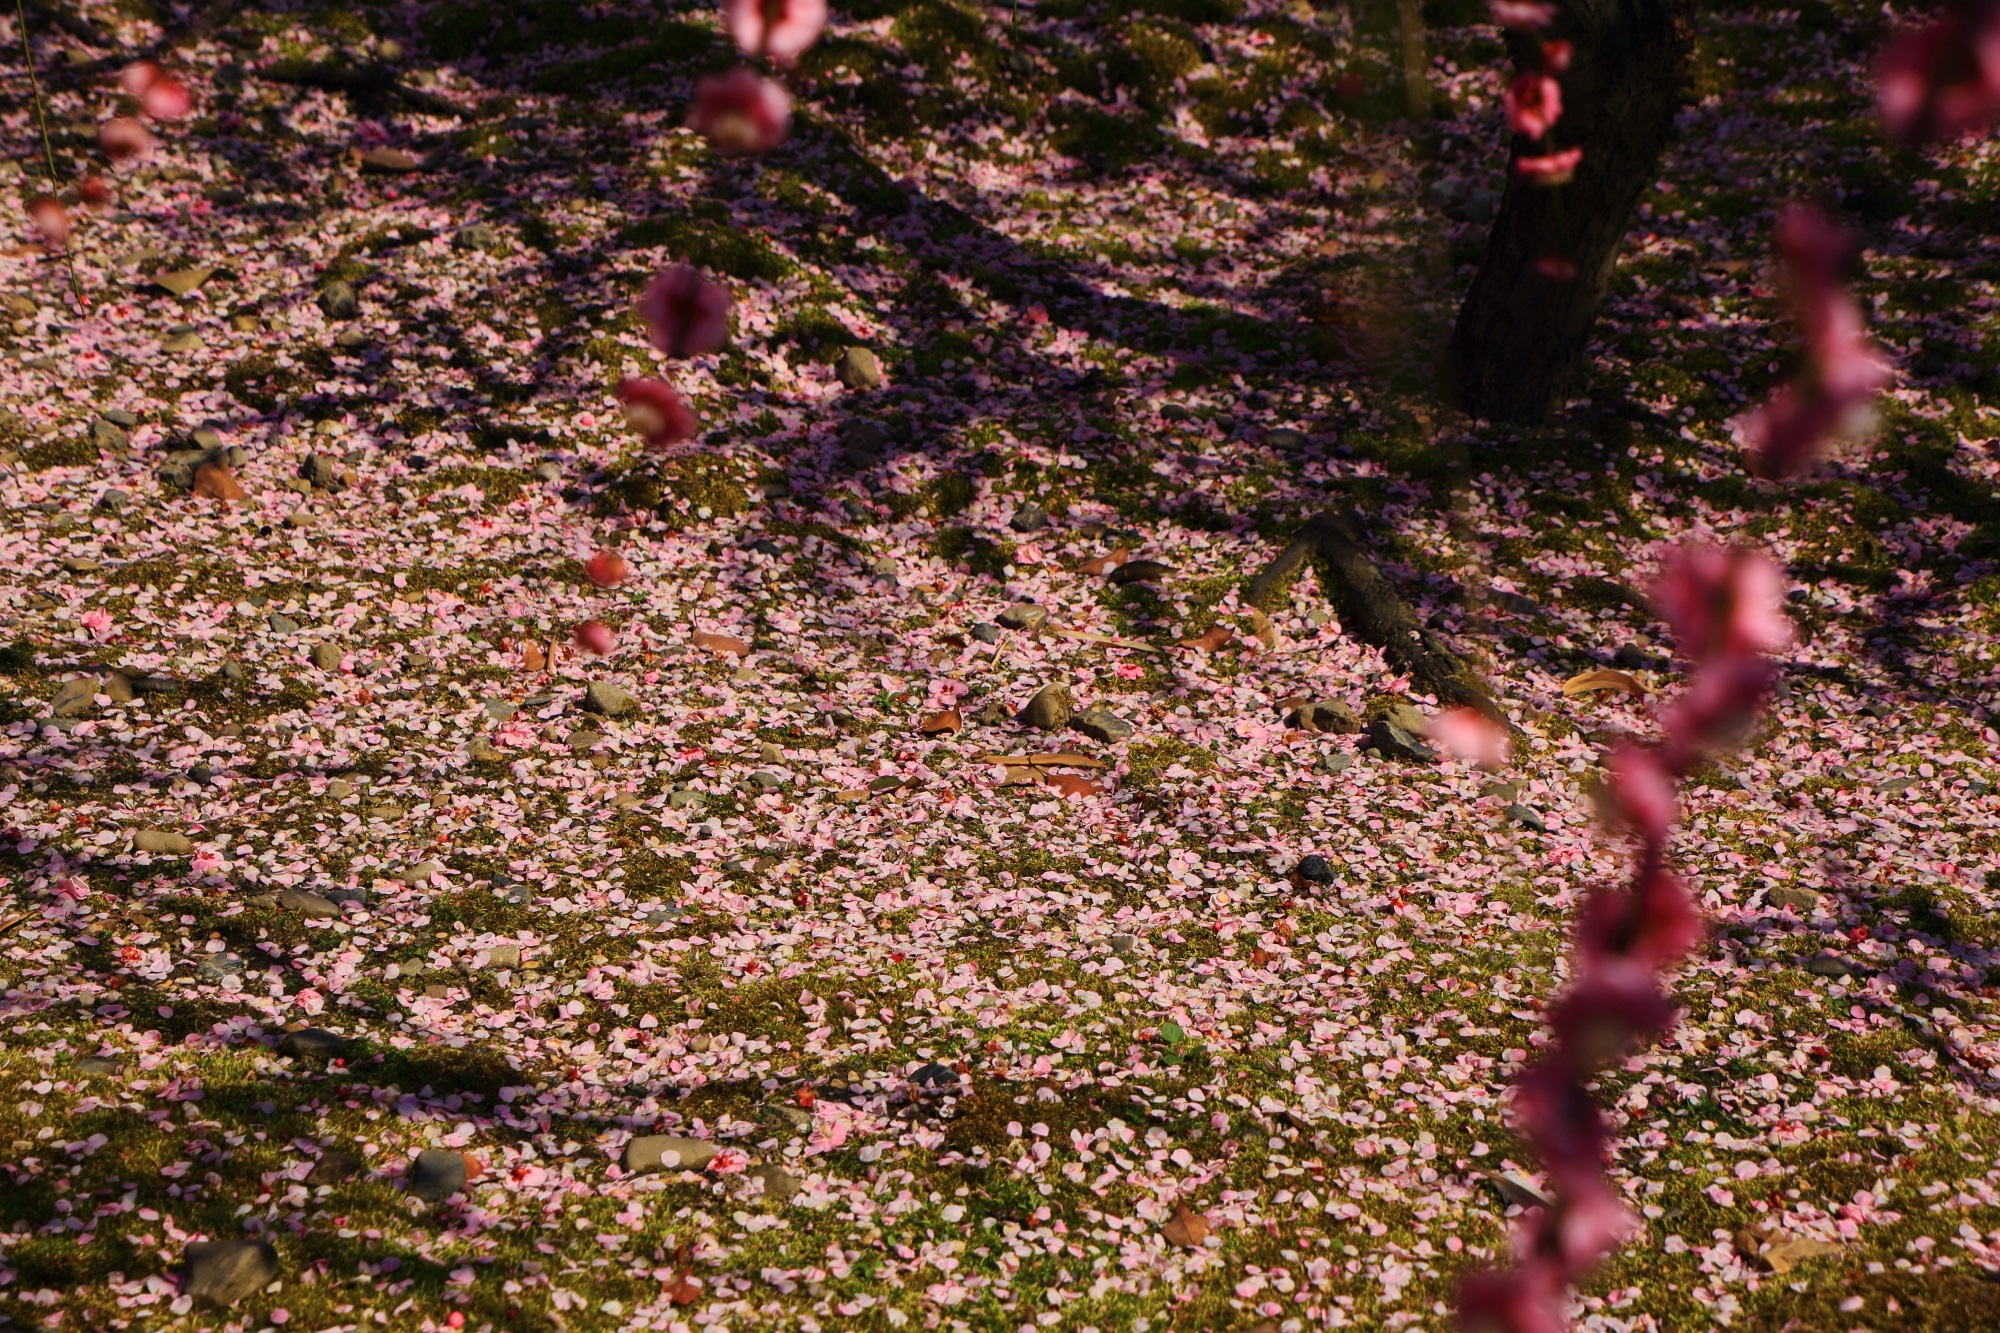 緑の苔をピンクにそめる散った梅の花